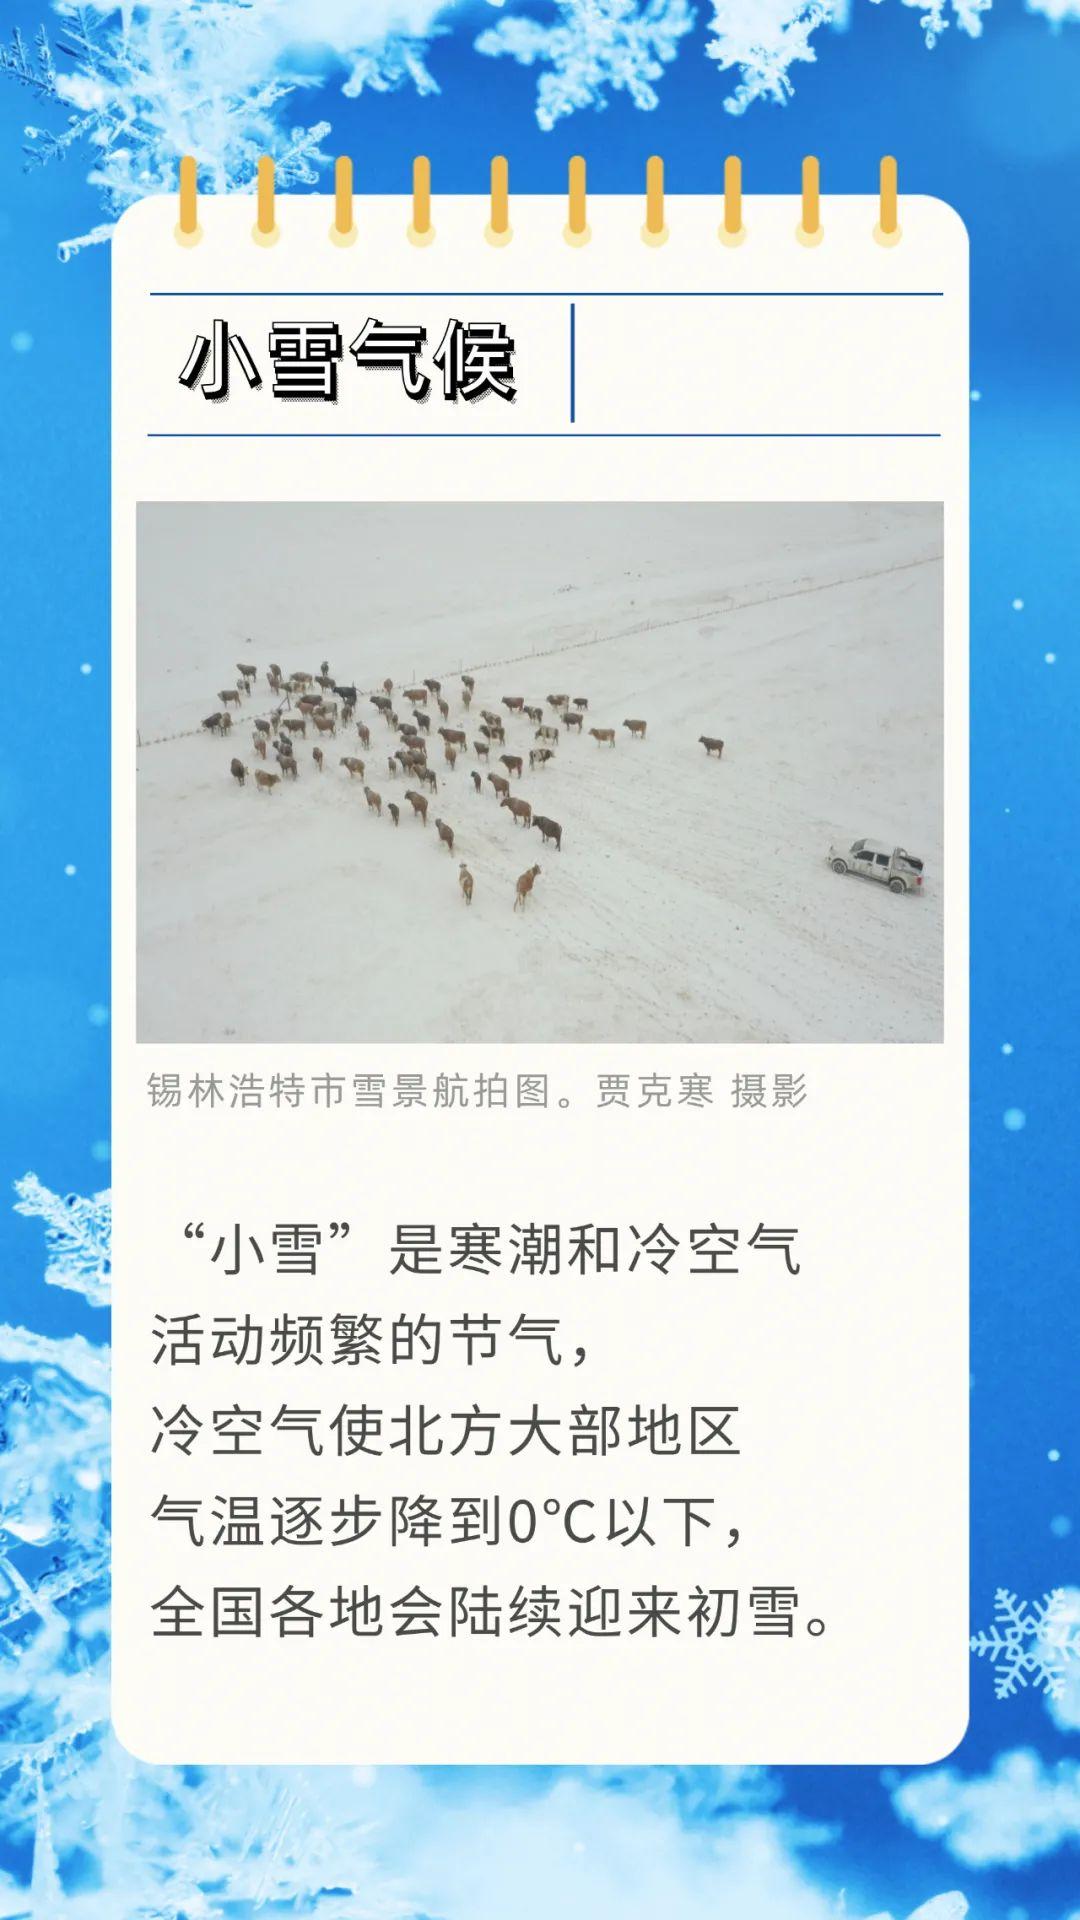 小雪节气:来一场雪,名正言顺